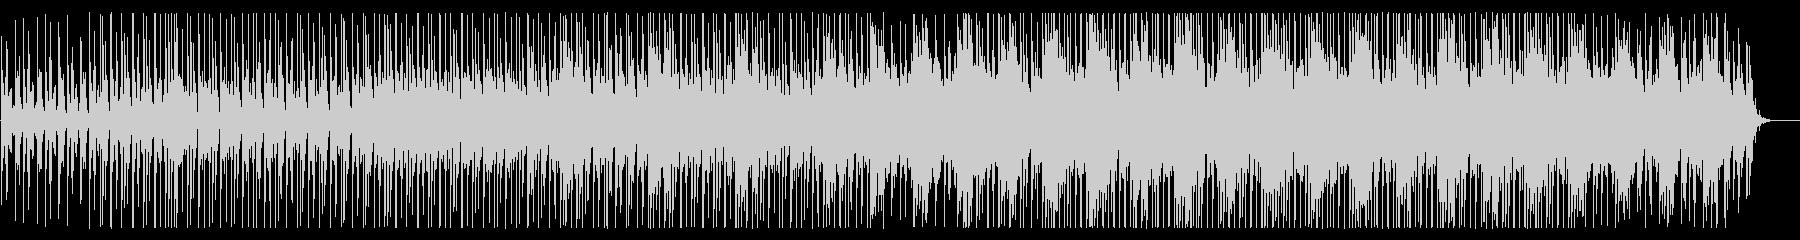 軽快でクールなチュートリアル向けBGMの未再生の波形